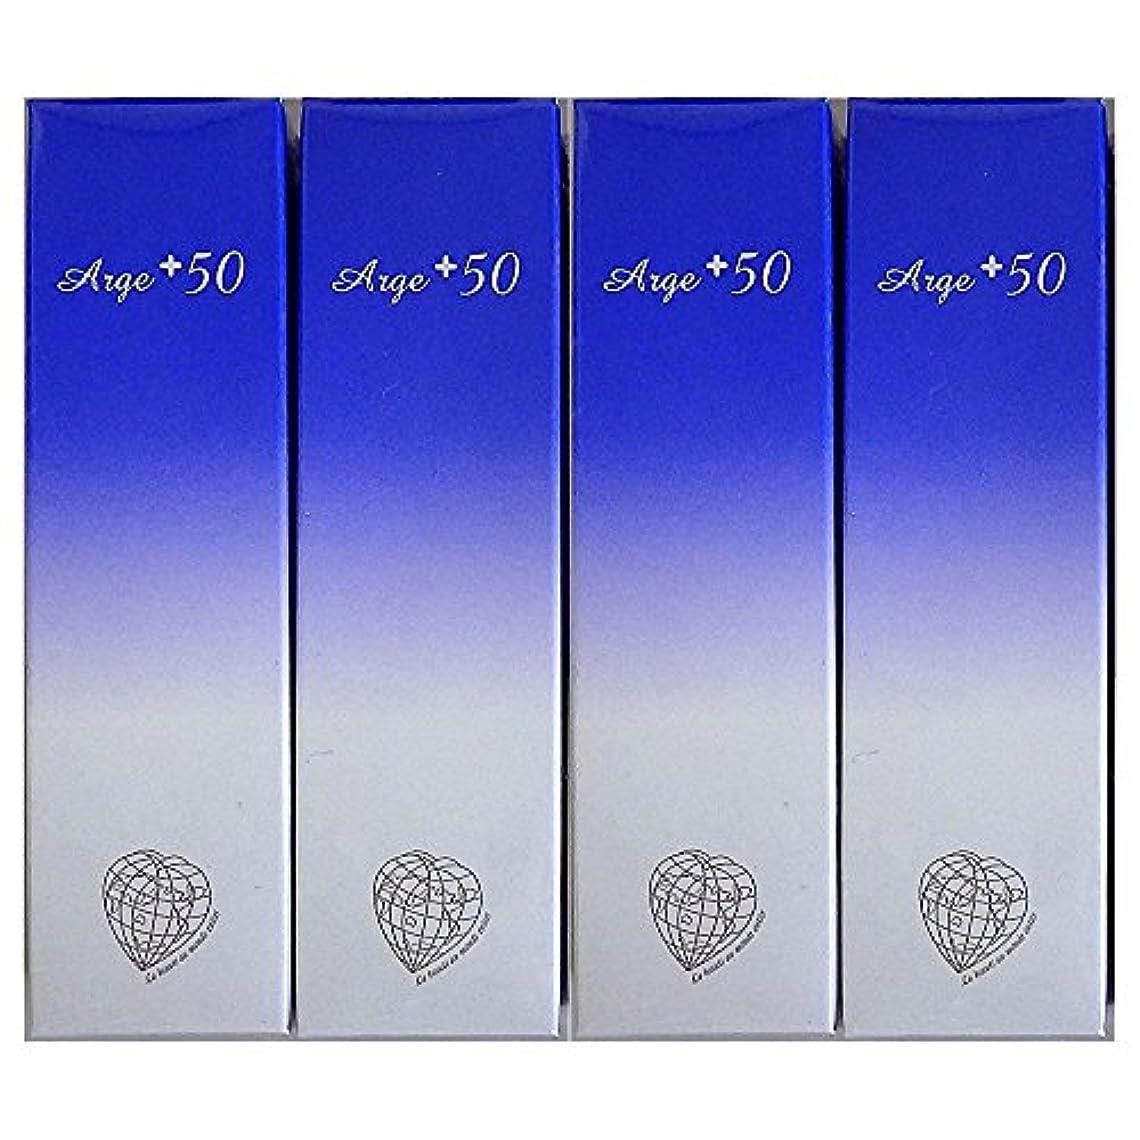 白鳥ジャケット金属アルジェプラス50 4本セット